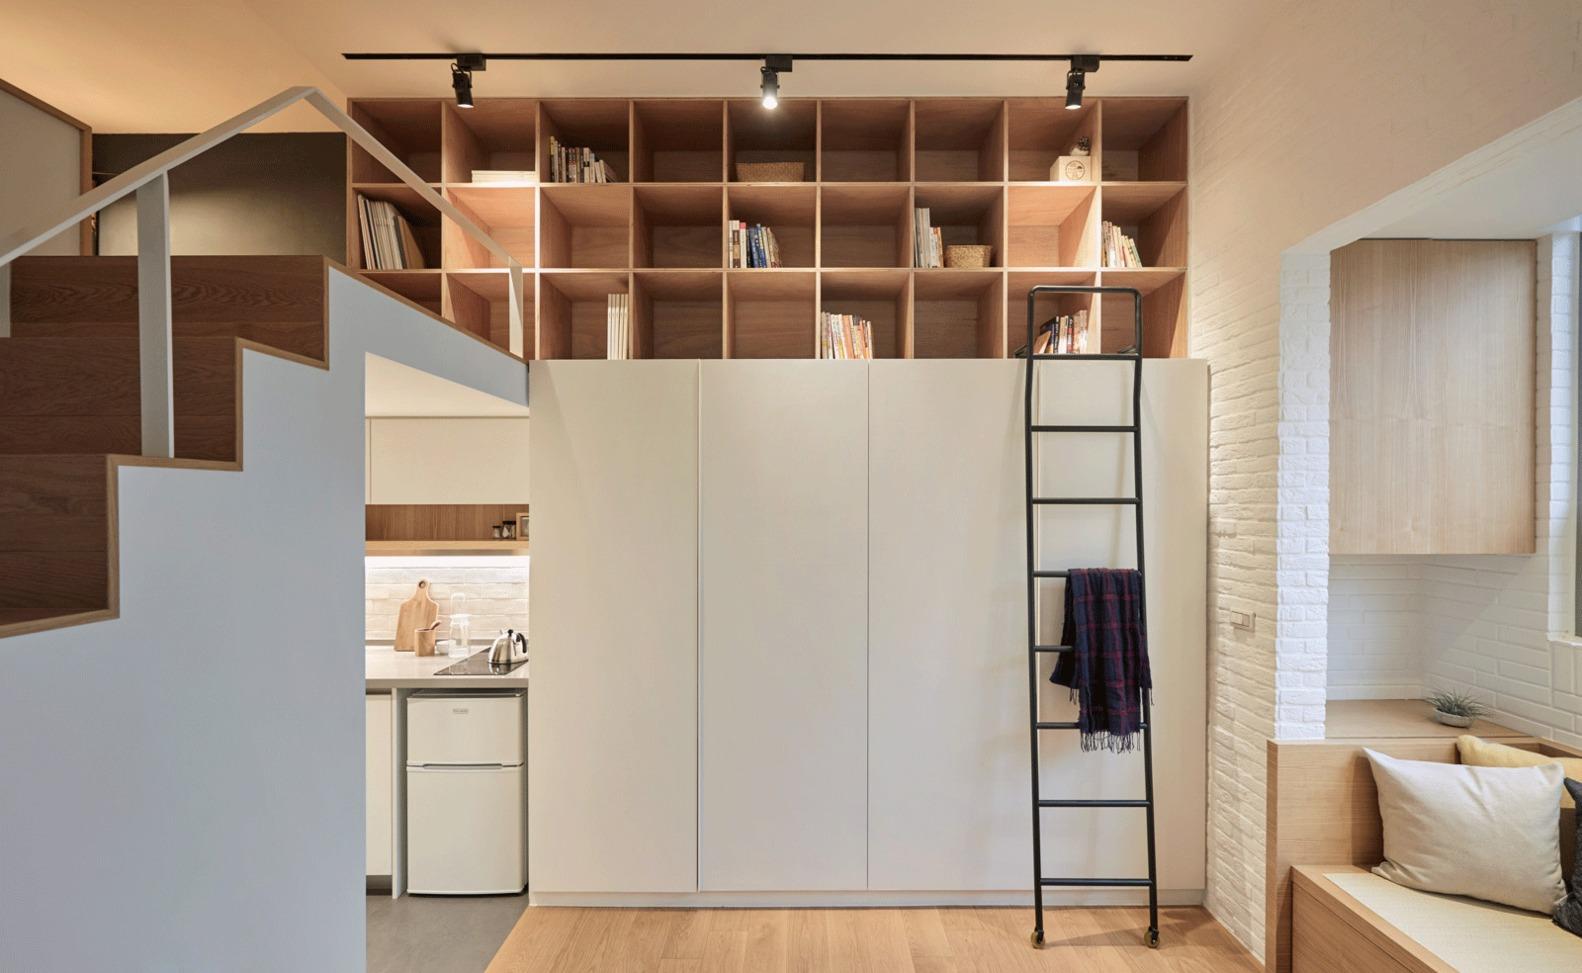 Bibliothèque ouverte sur la mezzanine dans la salle commune.